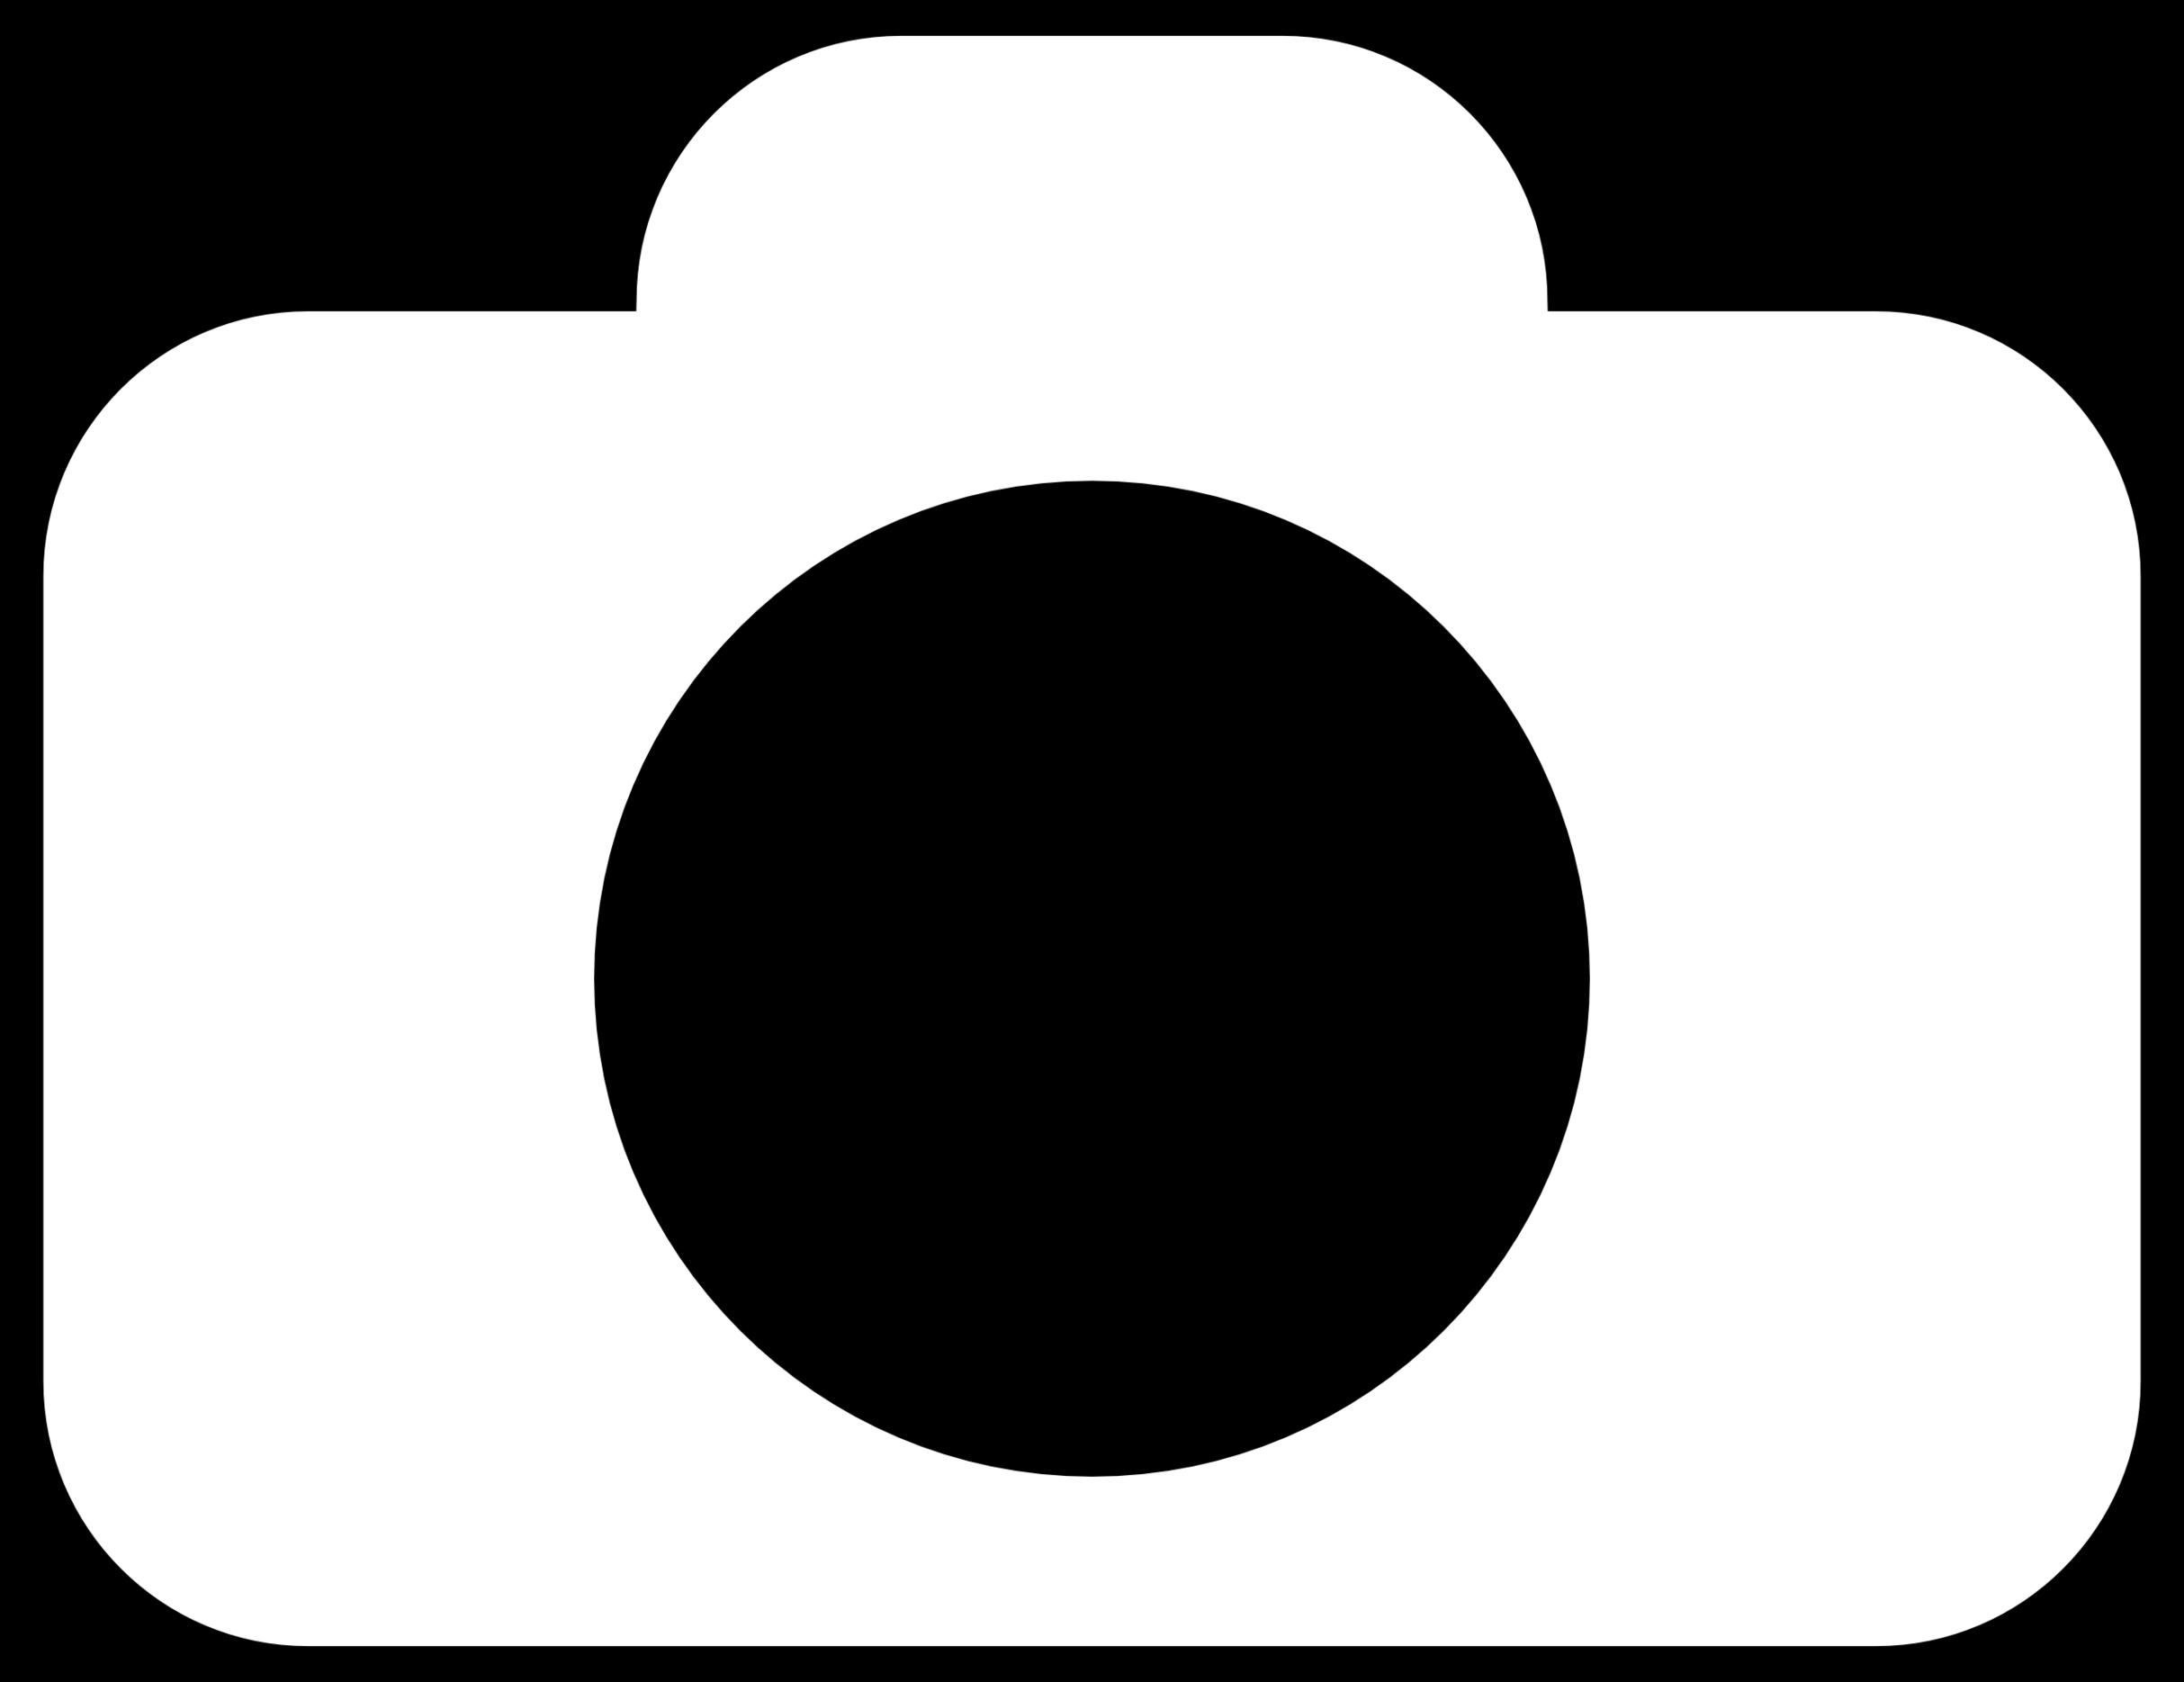 2427x1869 Camera Clipart Line Art